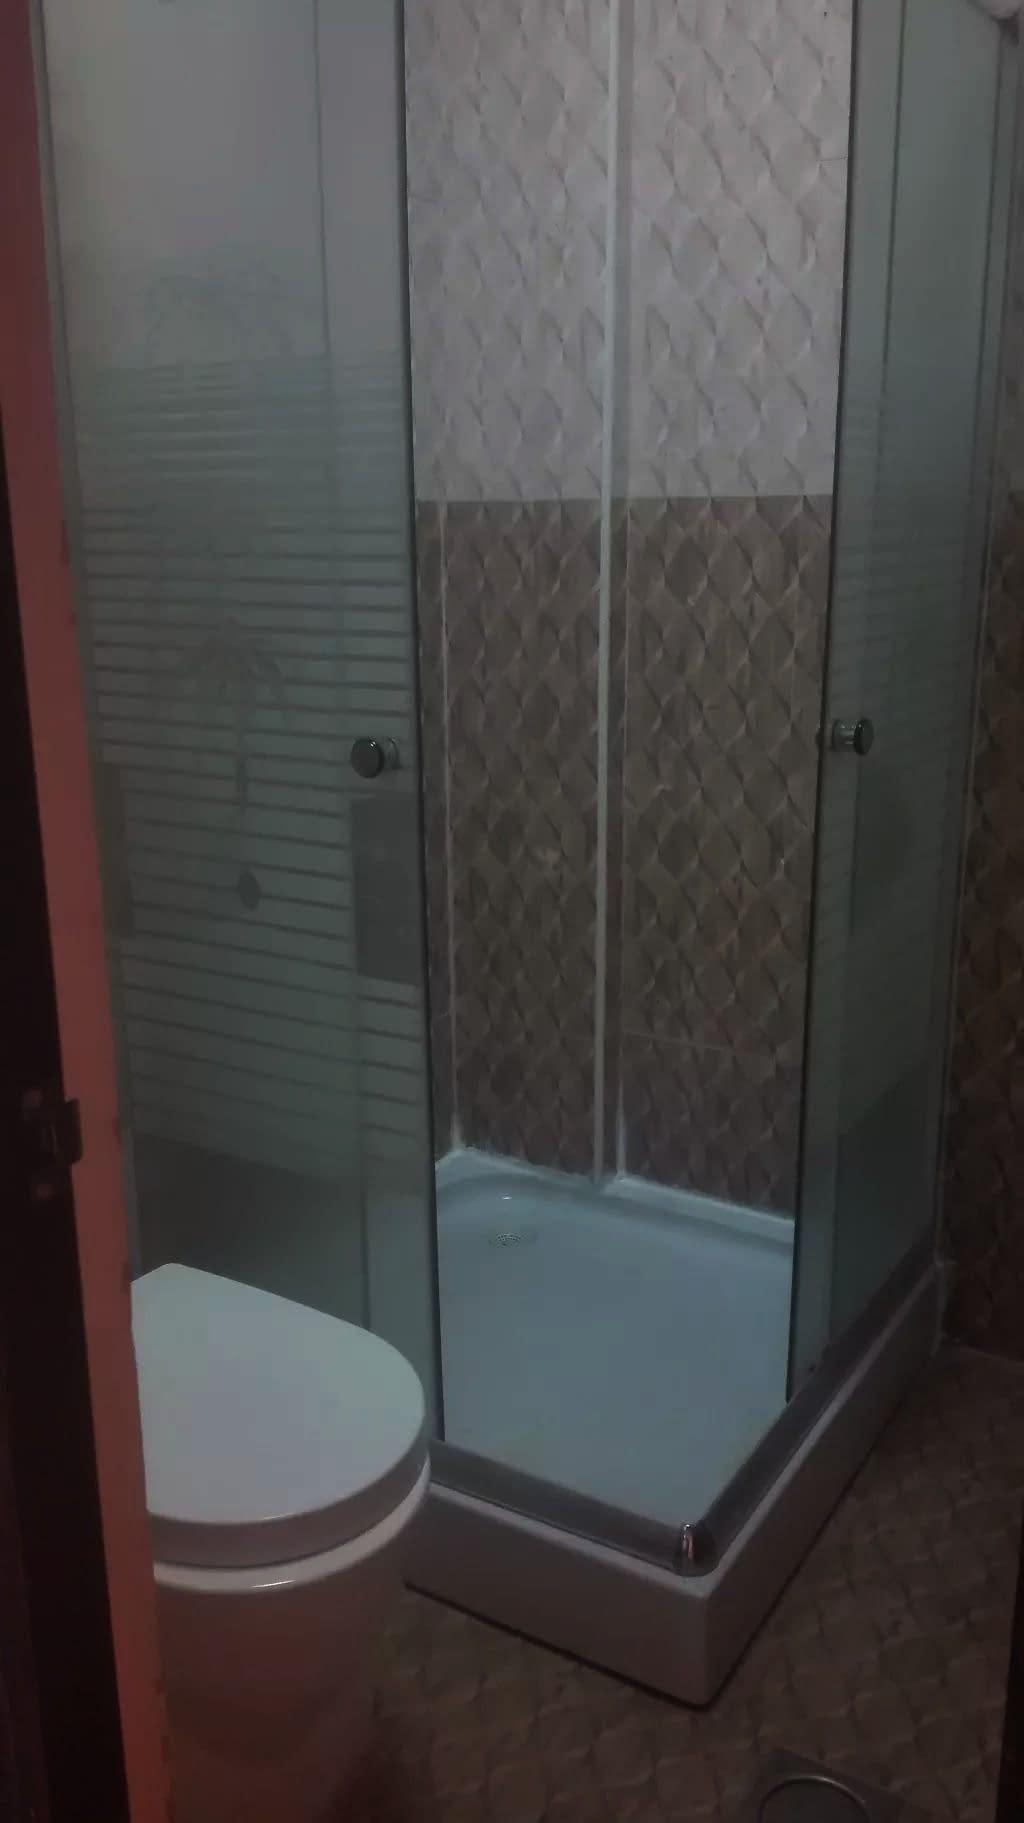 غرفة وصالة للإيجار بمدينة محمد ين زايد